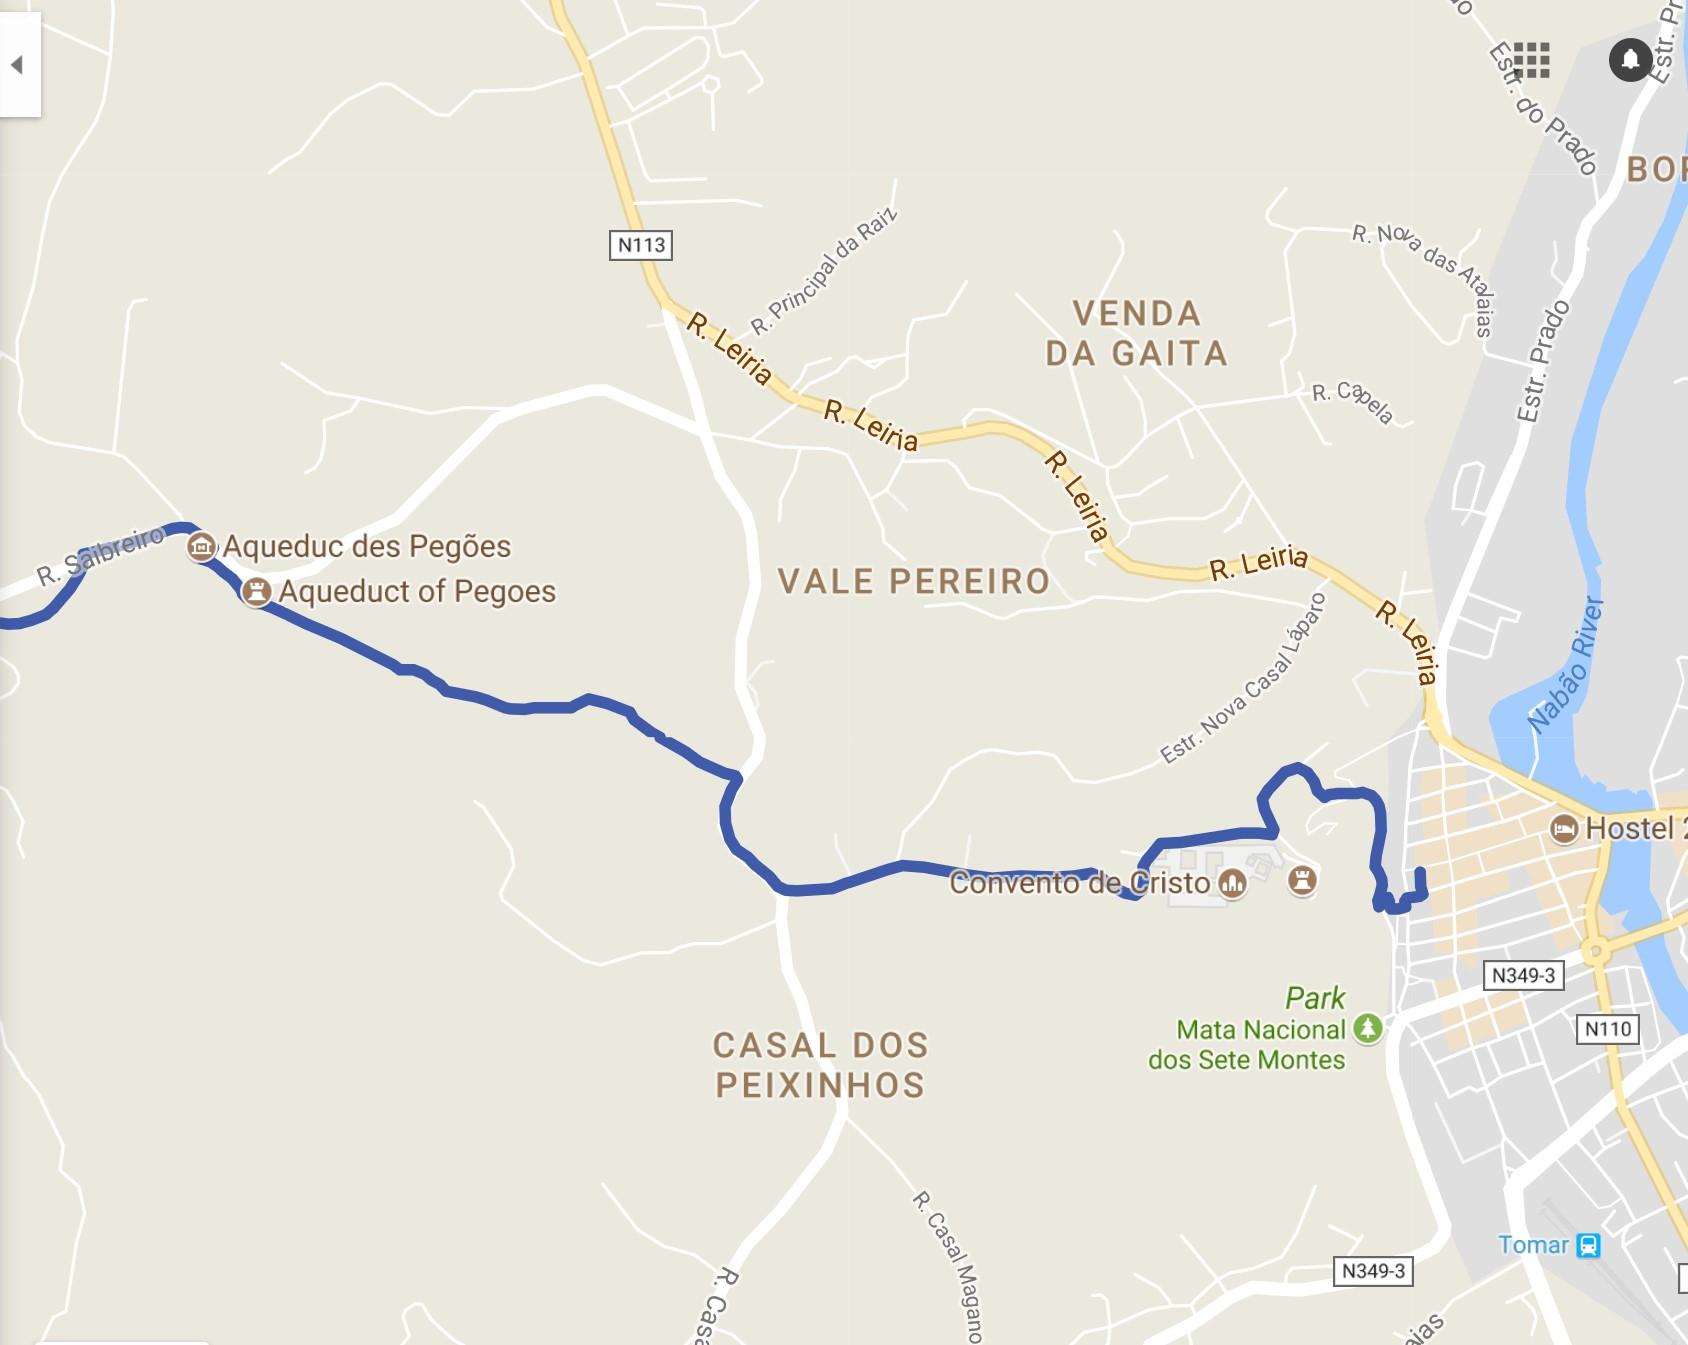 Caminho Nascente From Tomar to the Aqueduto dos Pegões